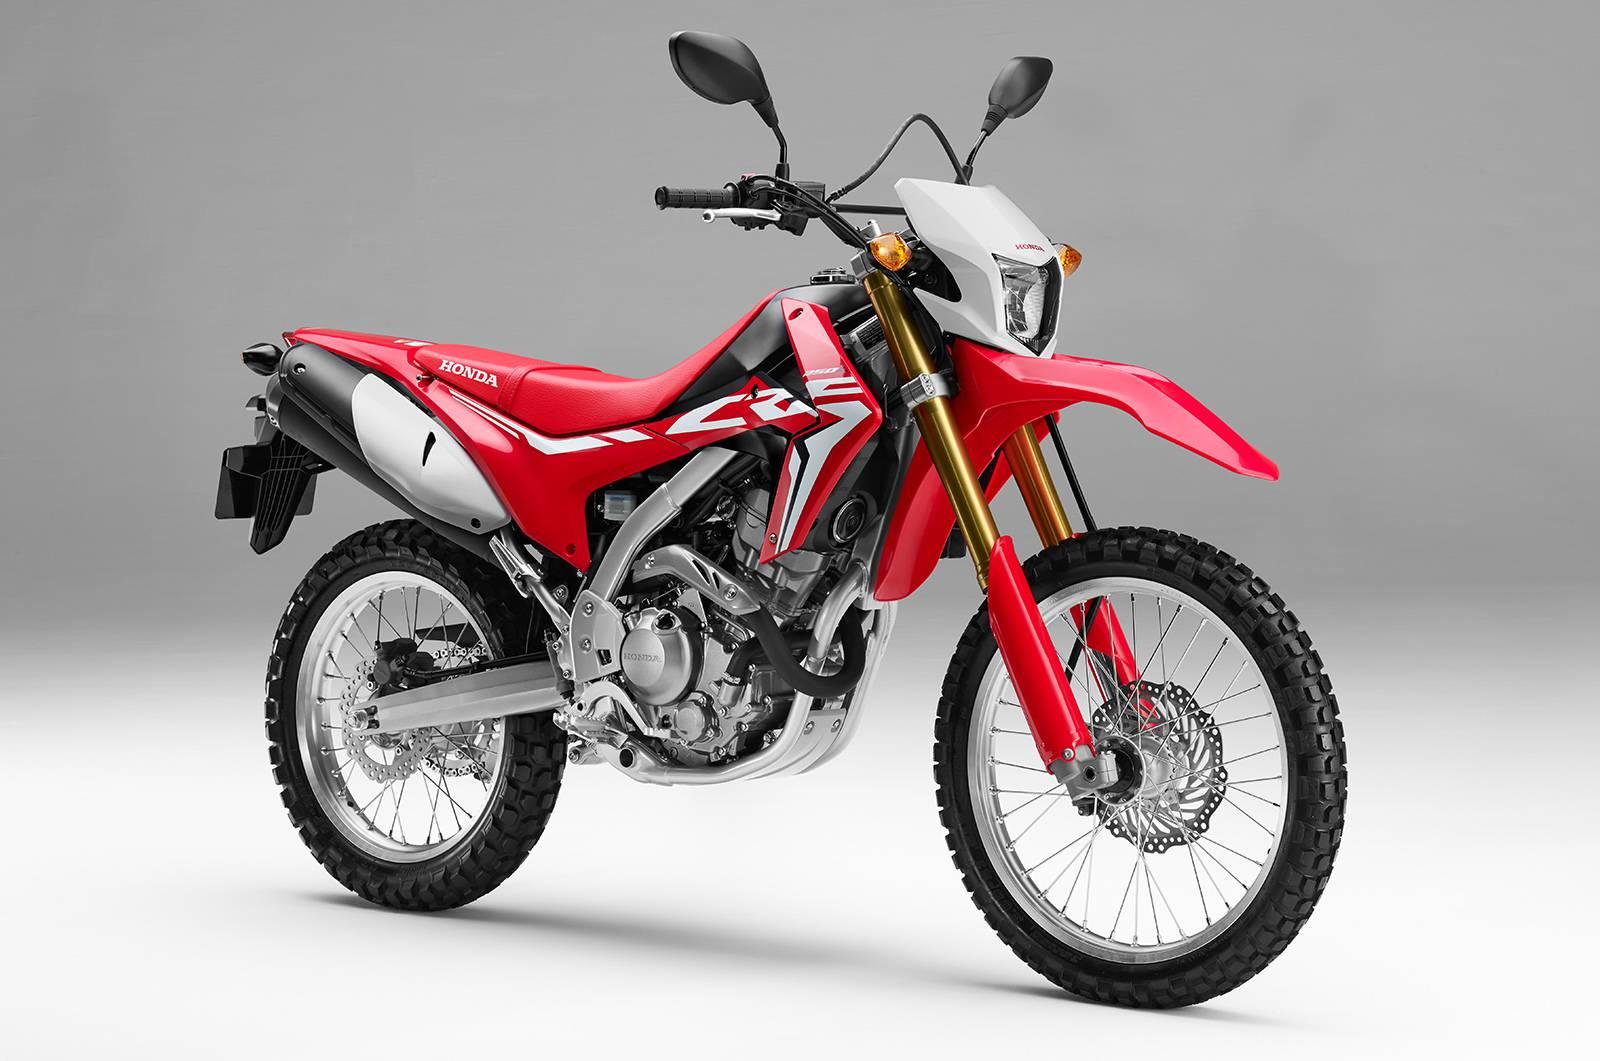 Motortrade Philippines Best Motorcycle Dealer Honda Crf250